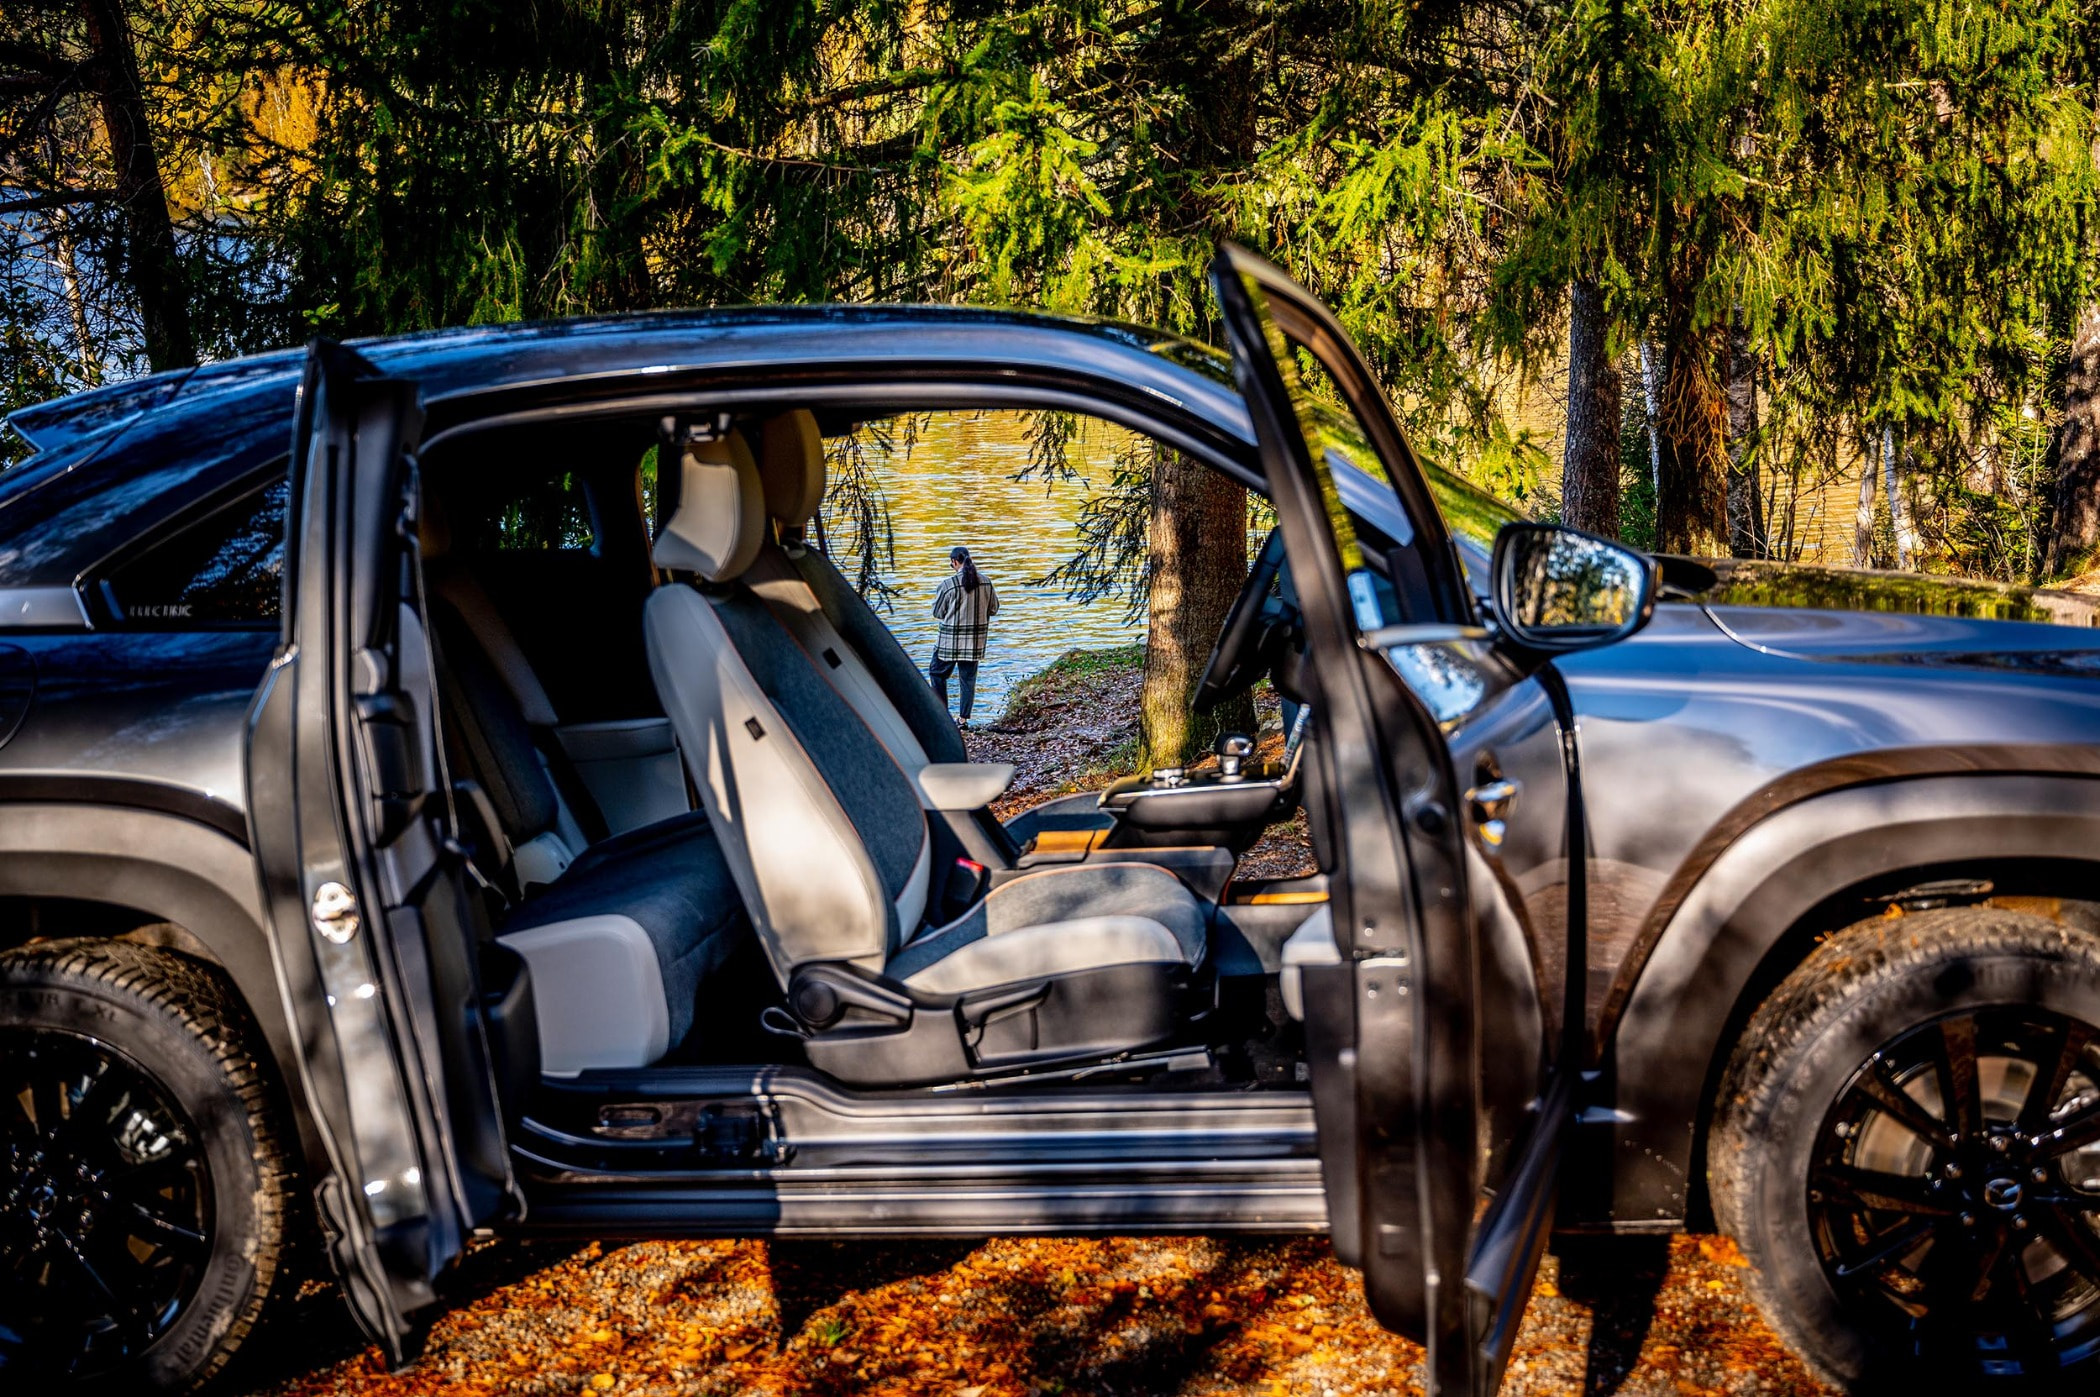 Automotive exterior, Land vehicle, Tire, Car